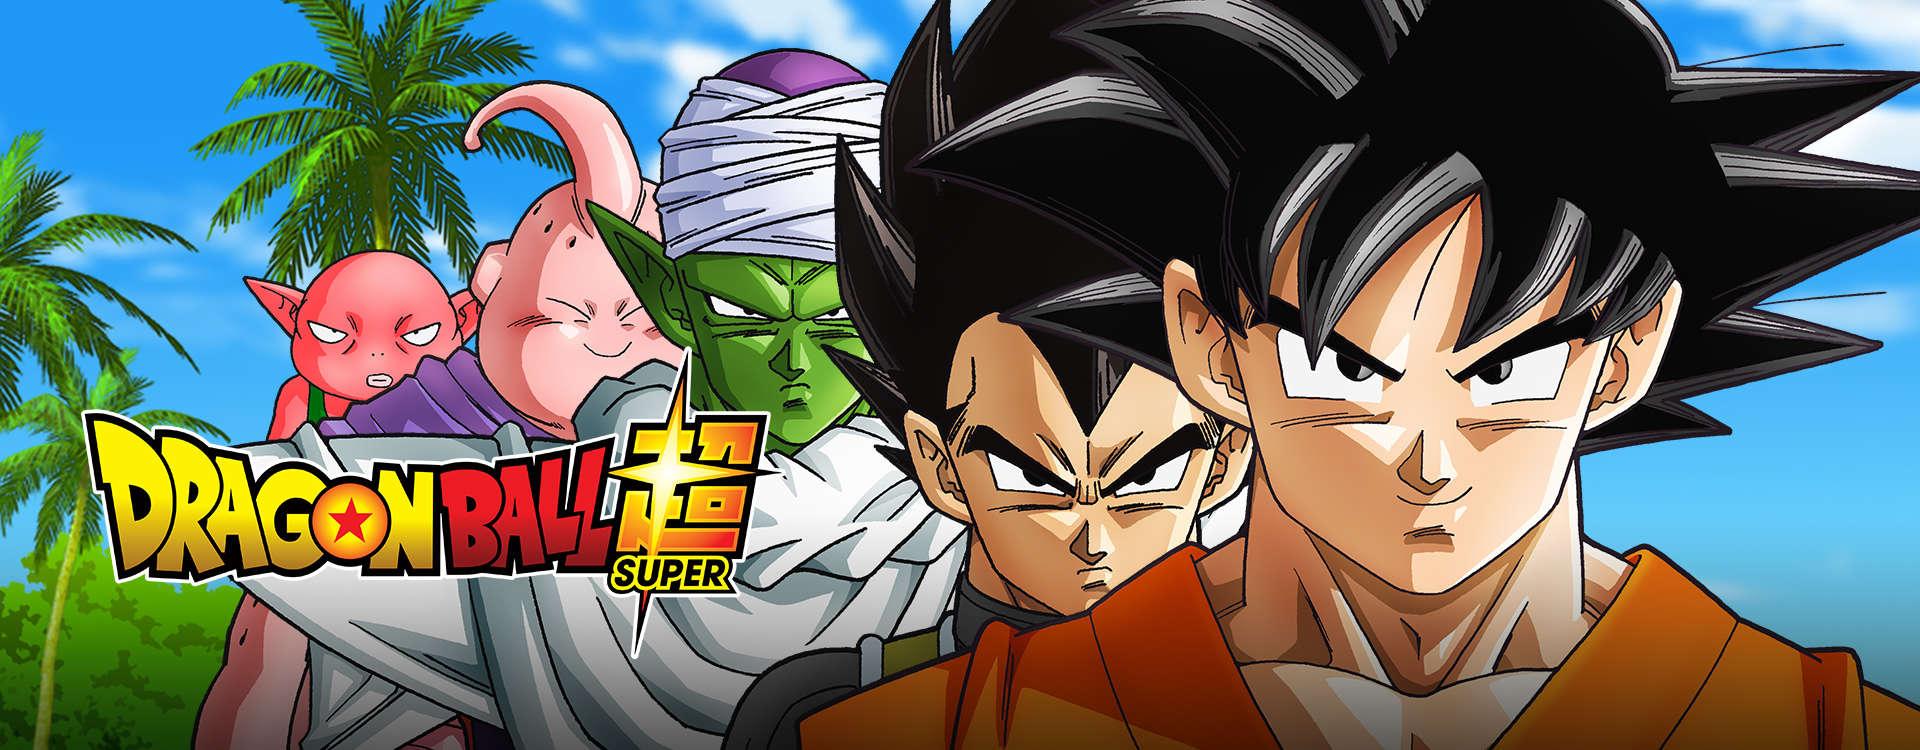 Dragon Ball Super Episode 129  Watch on Crunchyroll